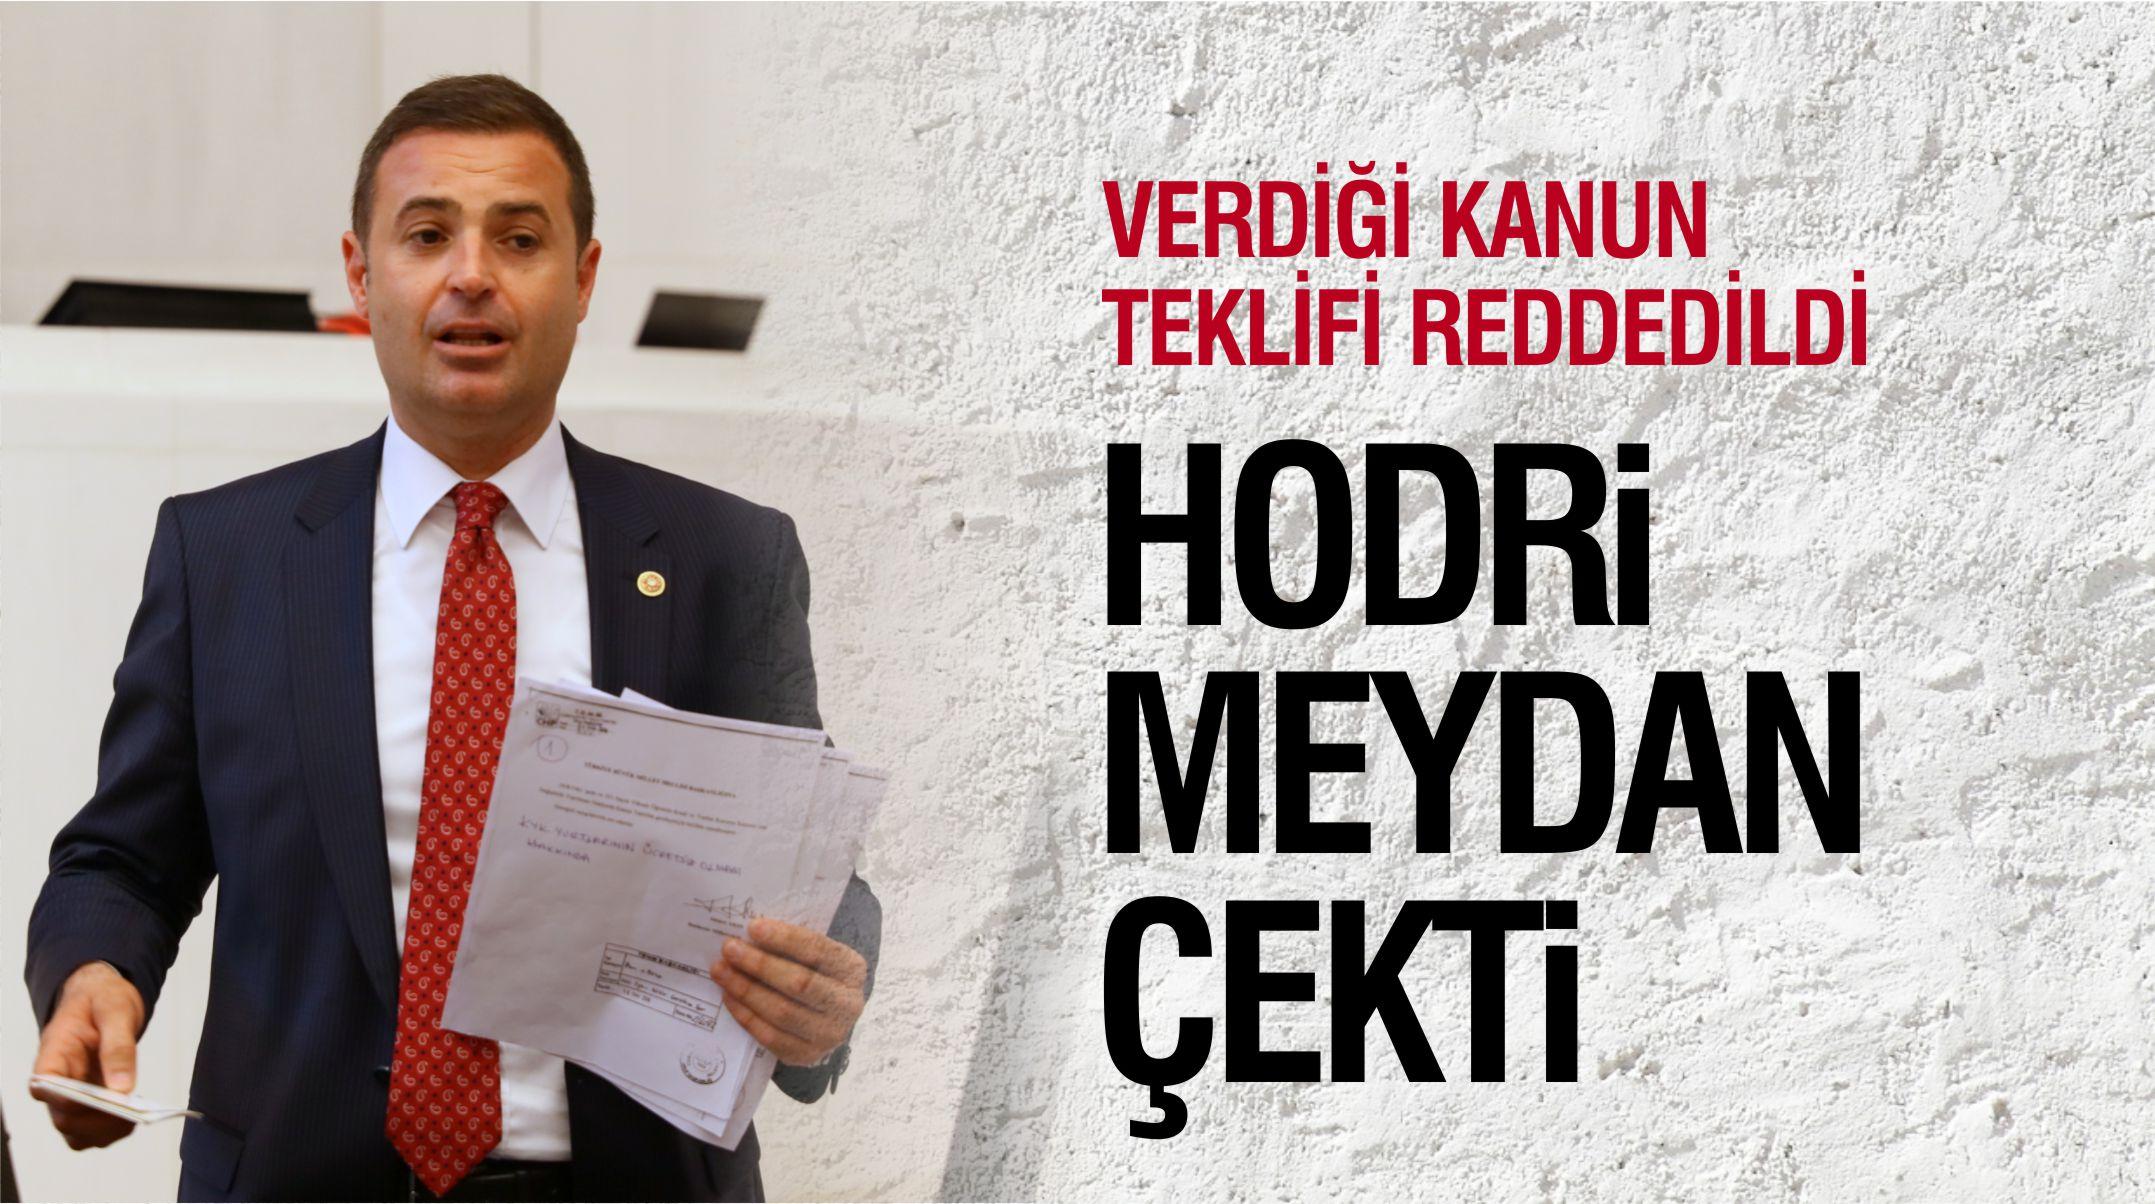 KANUN TEKLİFİ REDDEDİLDİ, AHMET AKIN 'HODRİ MEYDAN' ÇEKTİ